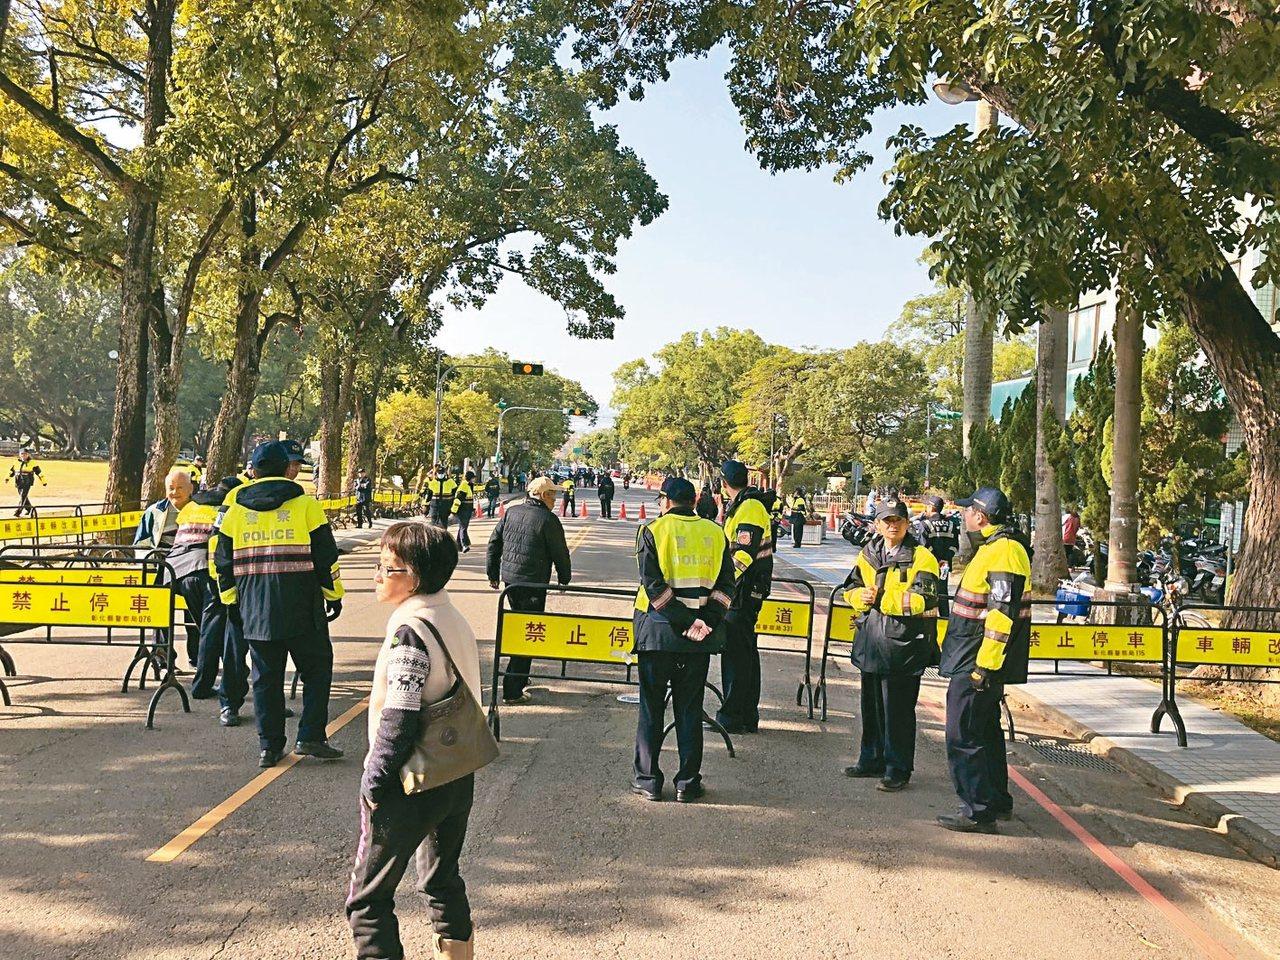 中興新村中學路警方布設三道防護網攔查,避免陳抗團體鬧場抗議。 記者江良誠/攝影